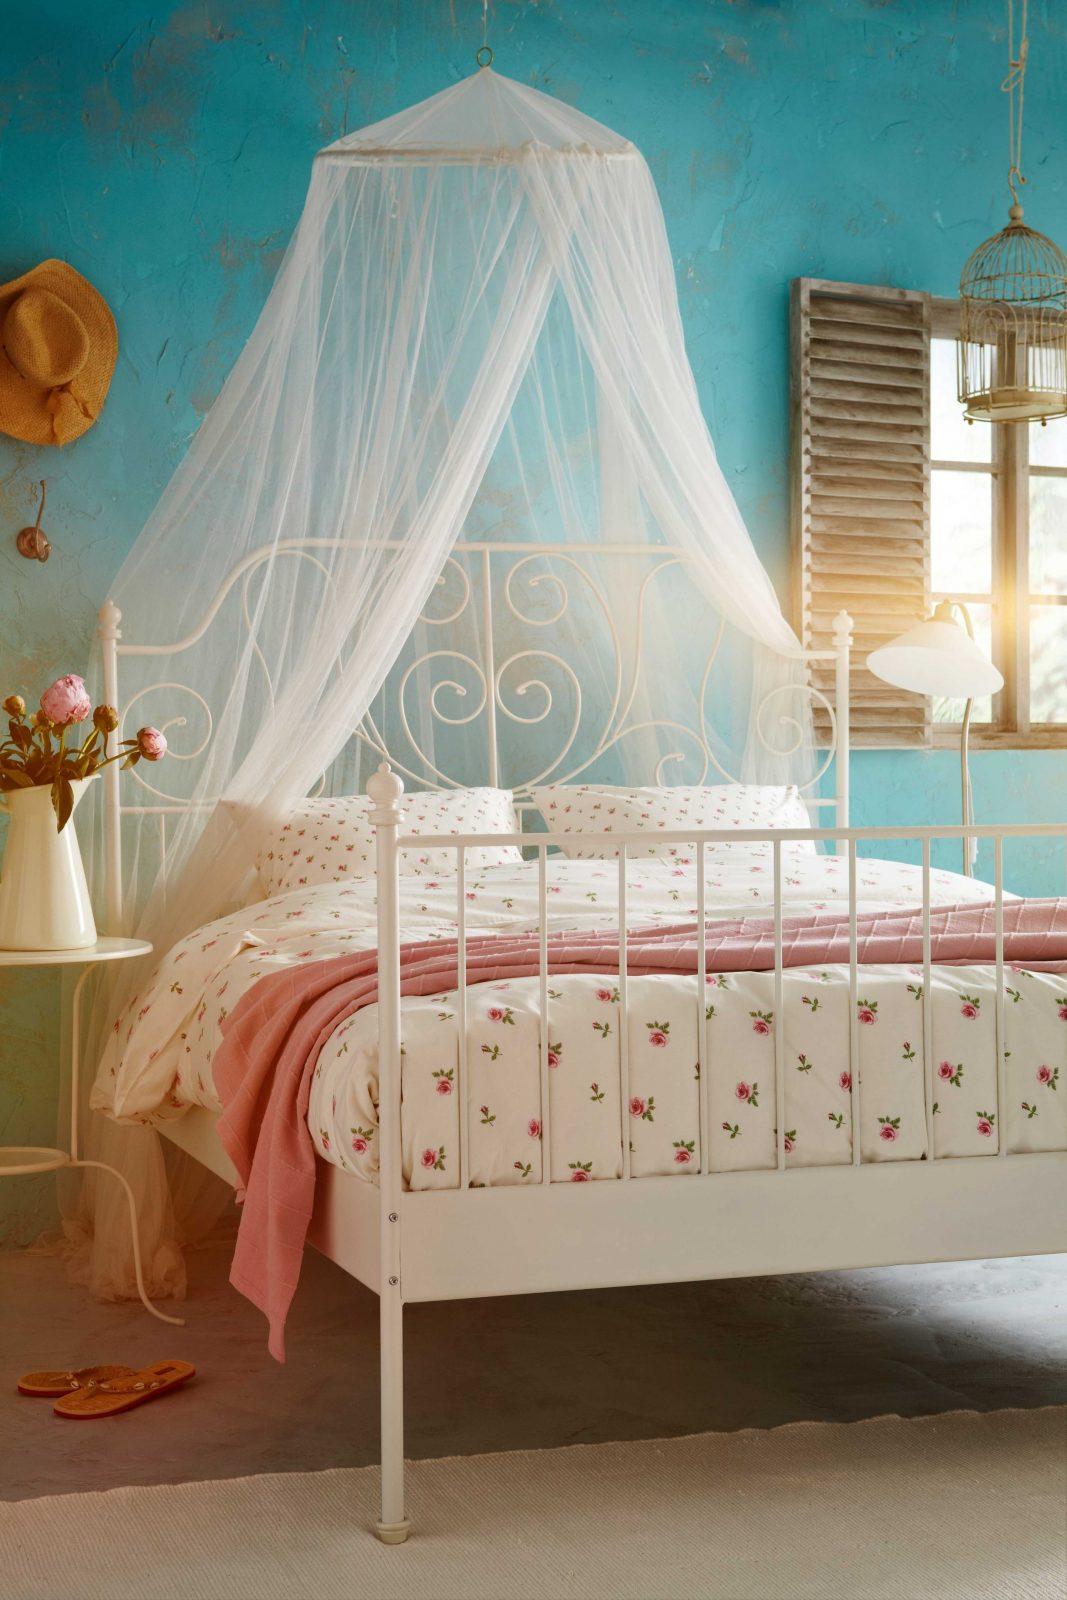 Schlafzimmer  Betten Matratzen  Schlafzimmermöbel  Ikea von Himmel Für Bett Ikea Bild